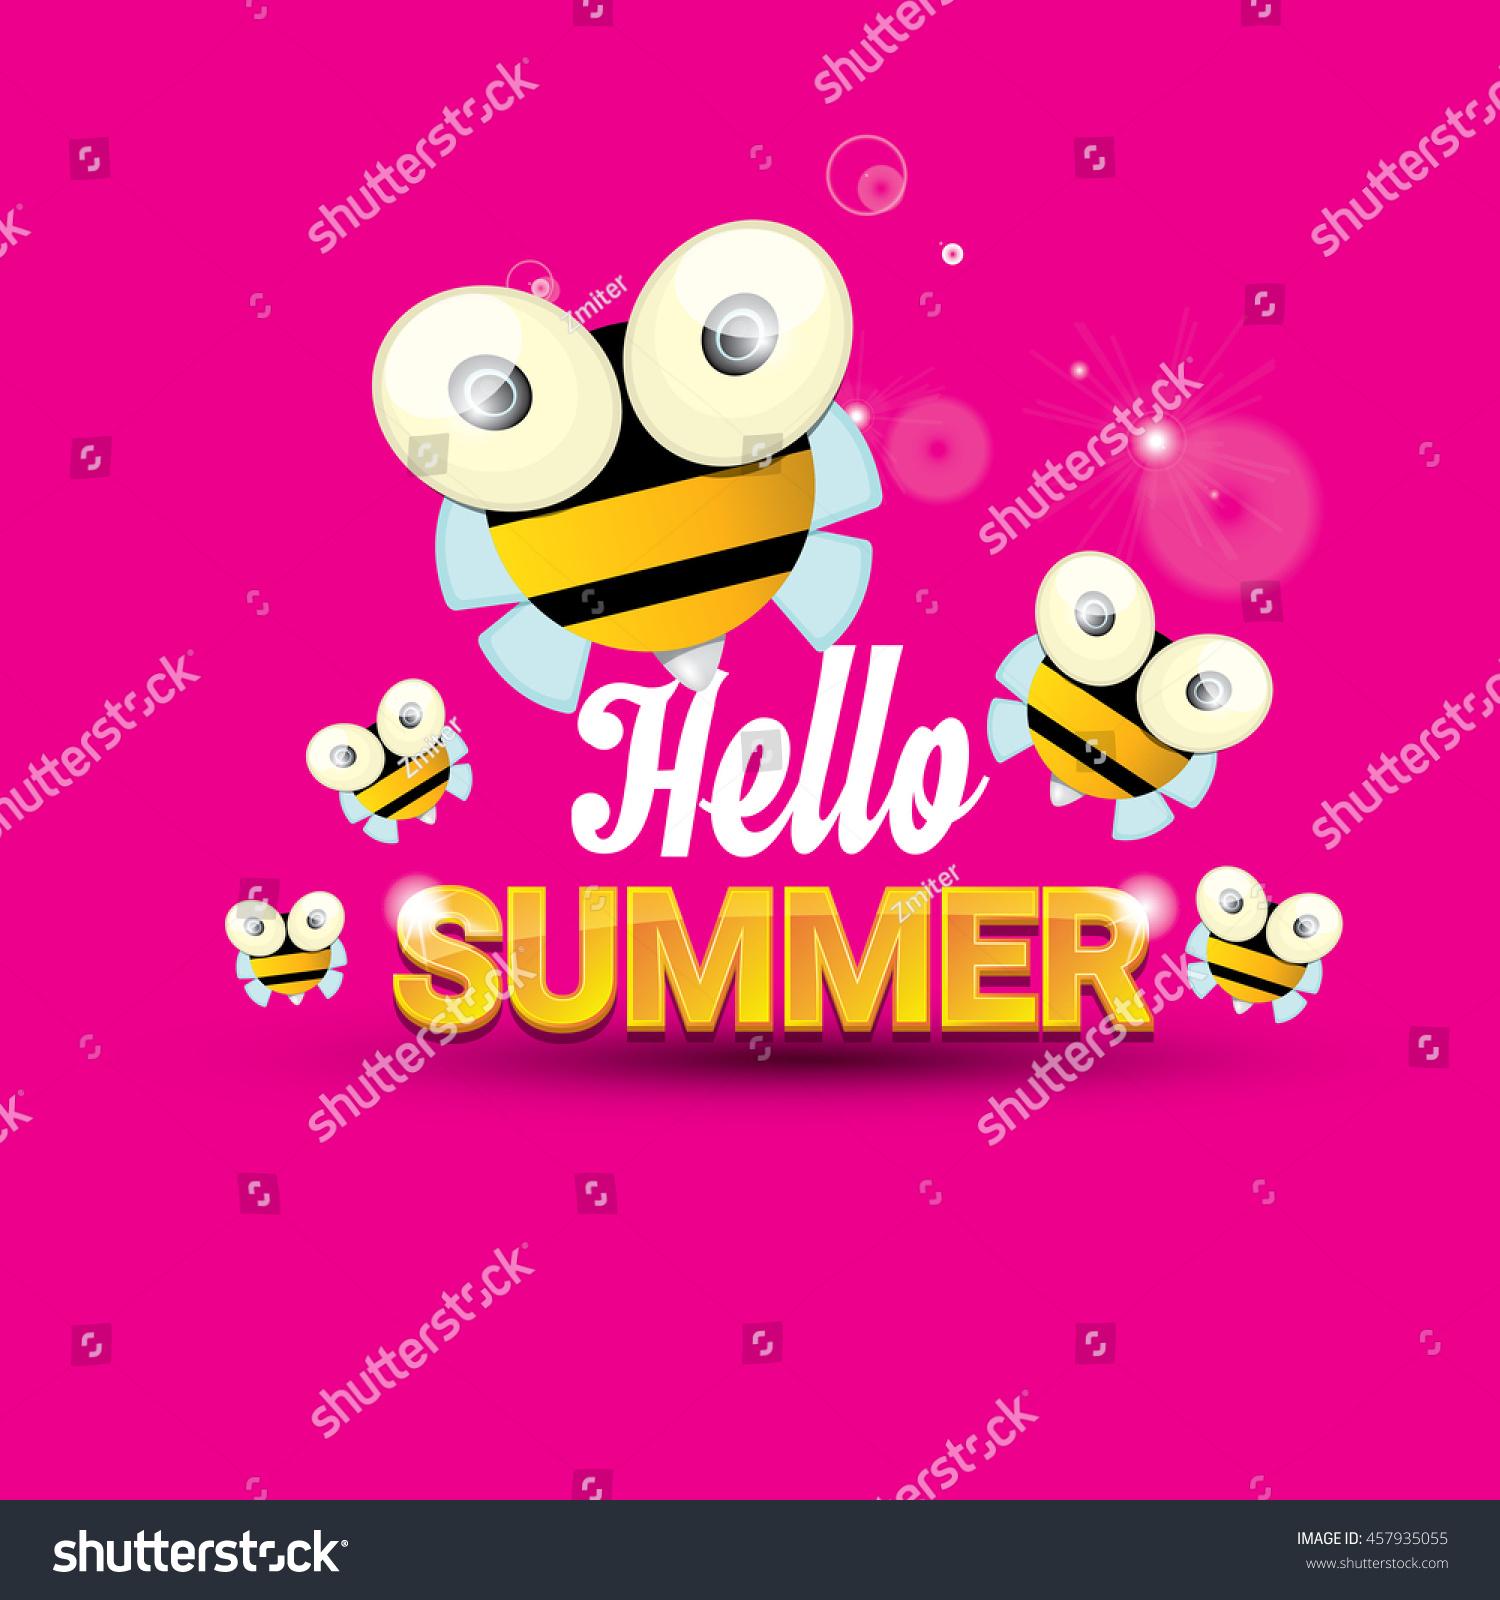 Hello Summer Vector Background Baby Bee Stock Vector 457935055 - Shutterstock